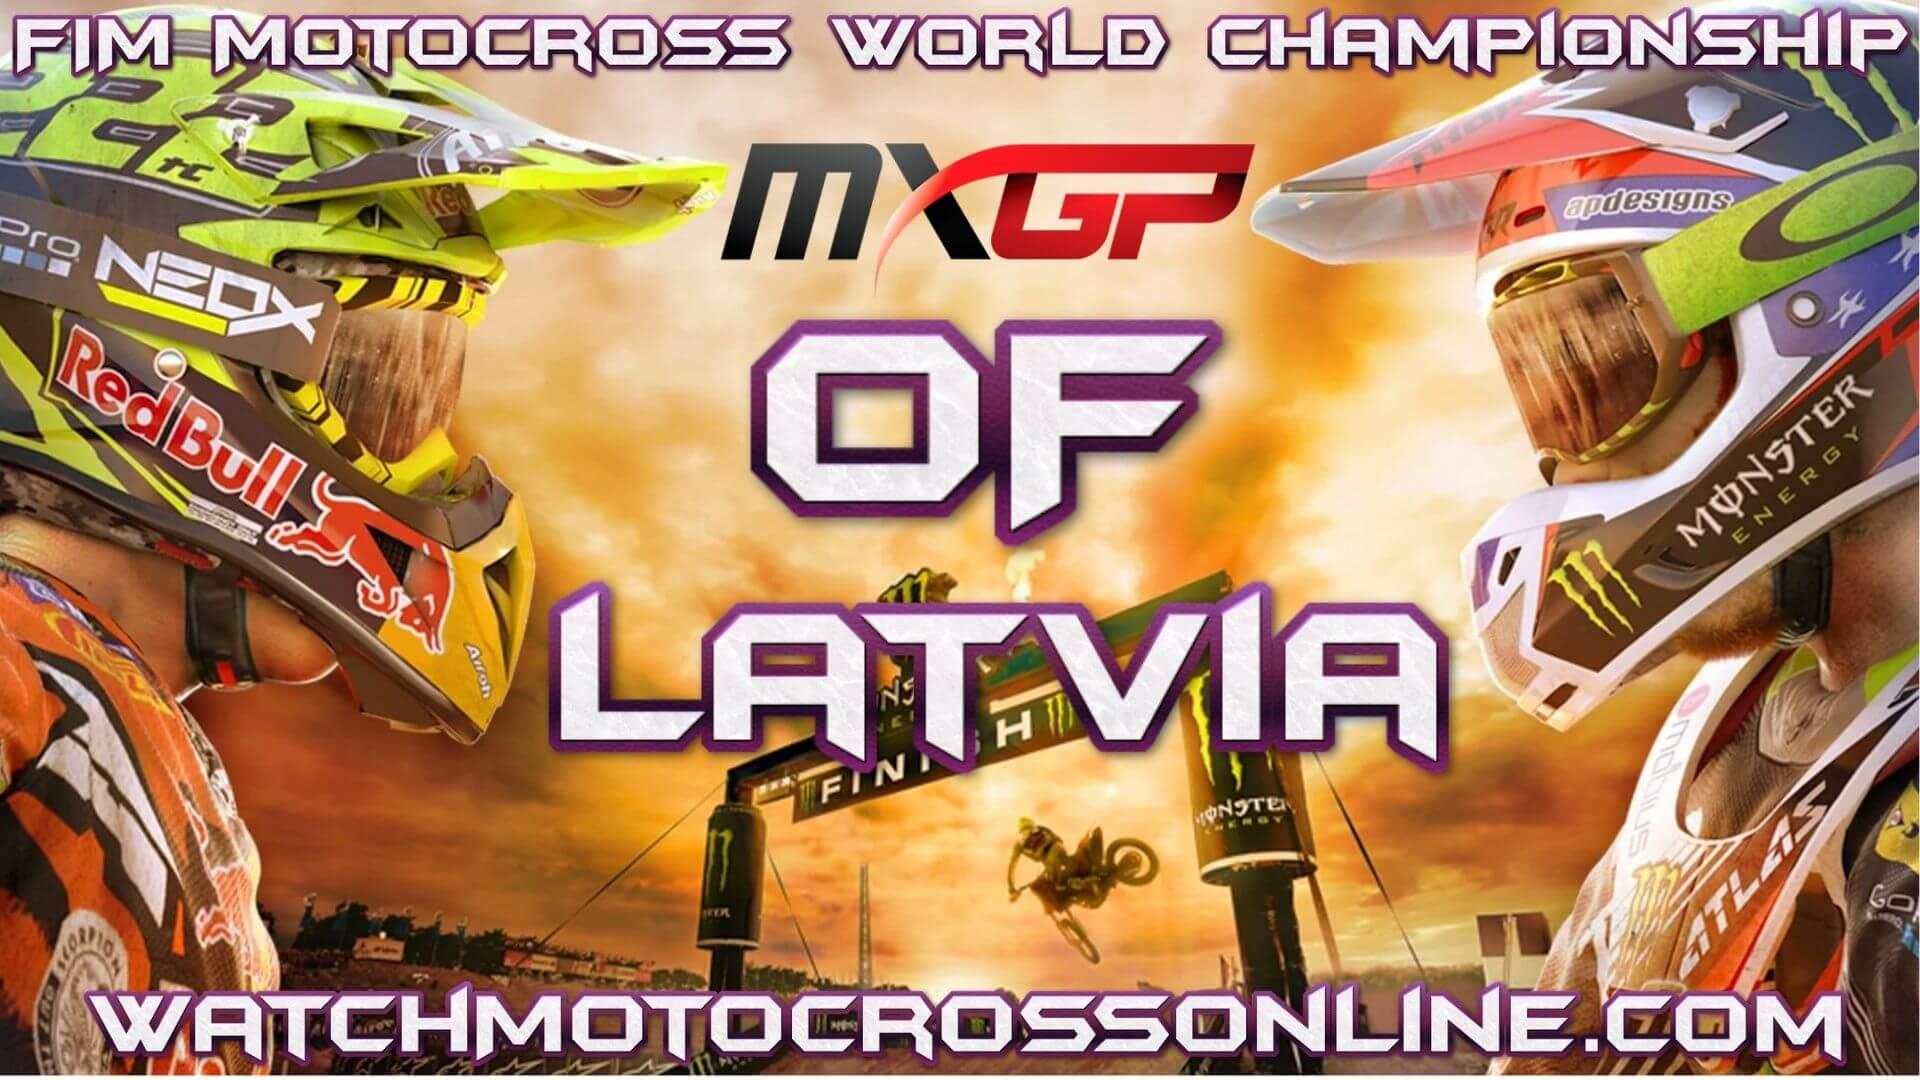 MXGP of Latvia Live Stream 2020